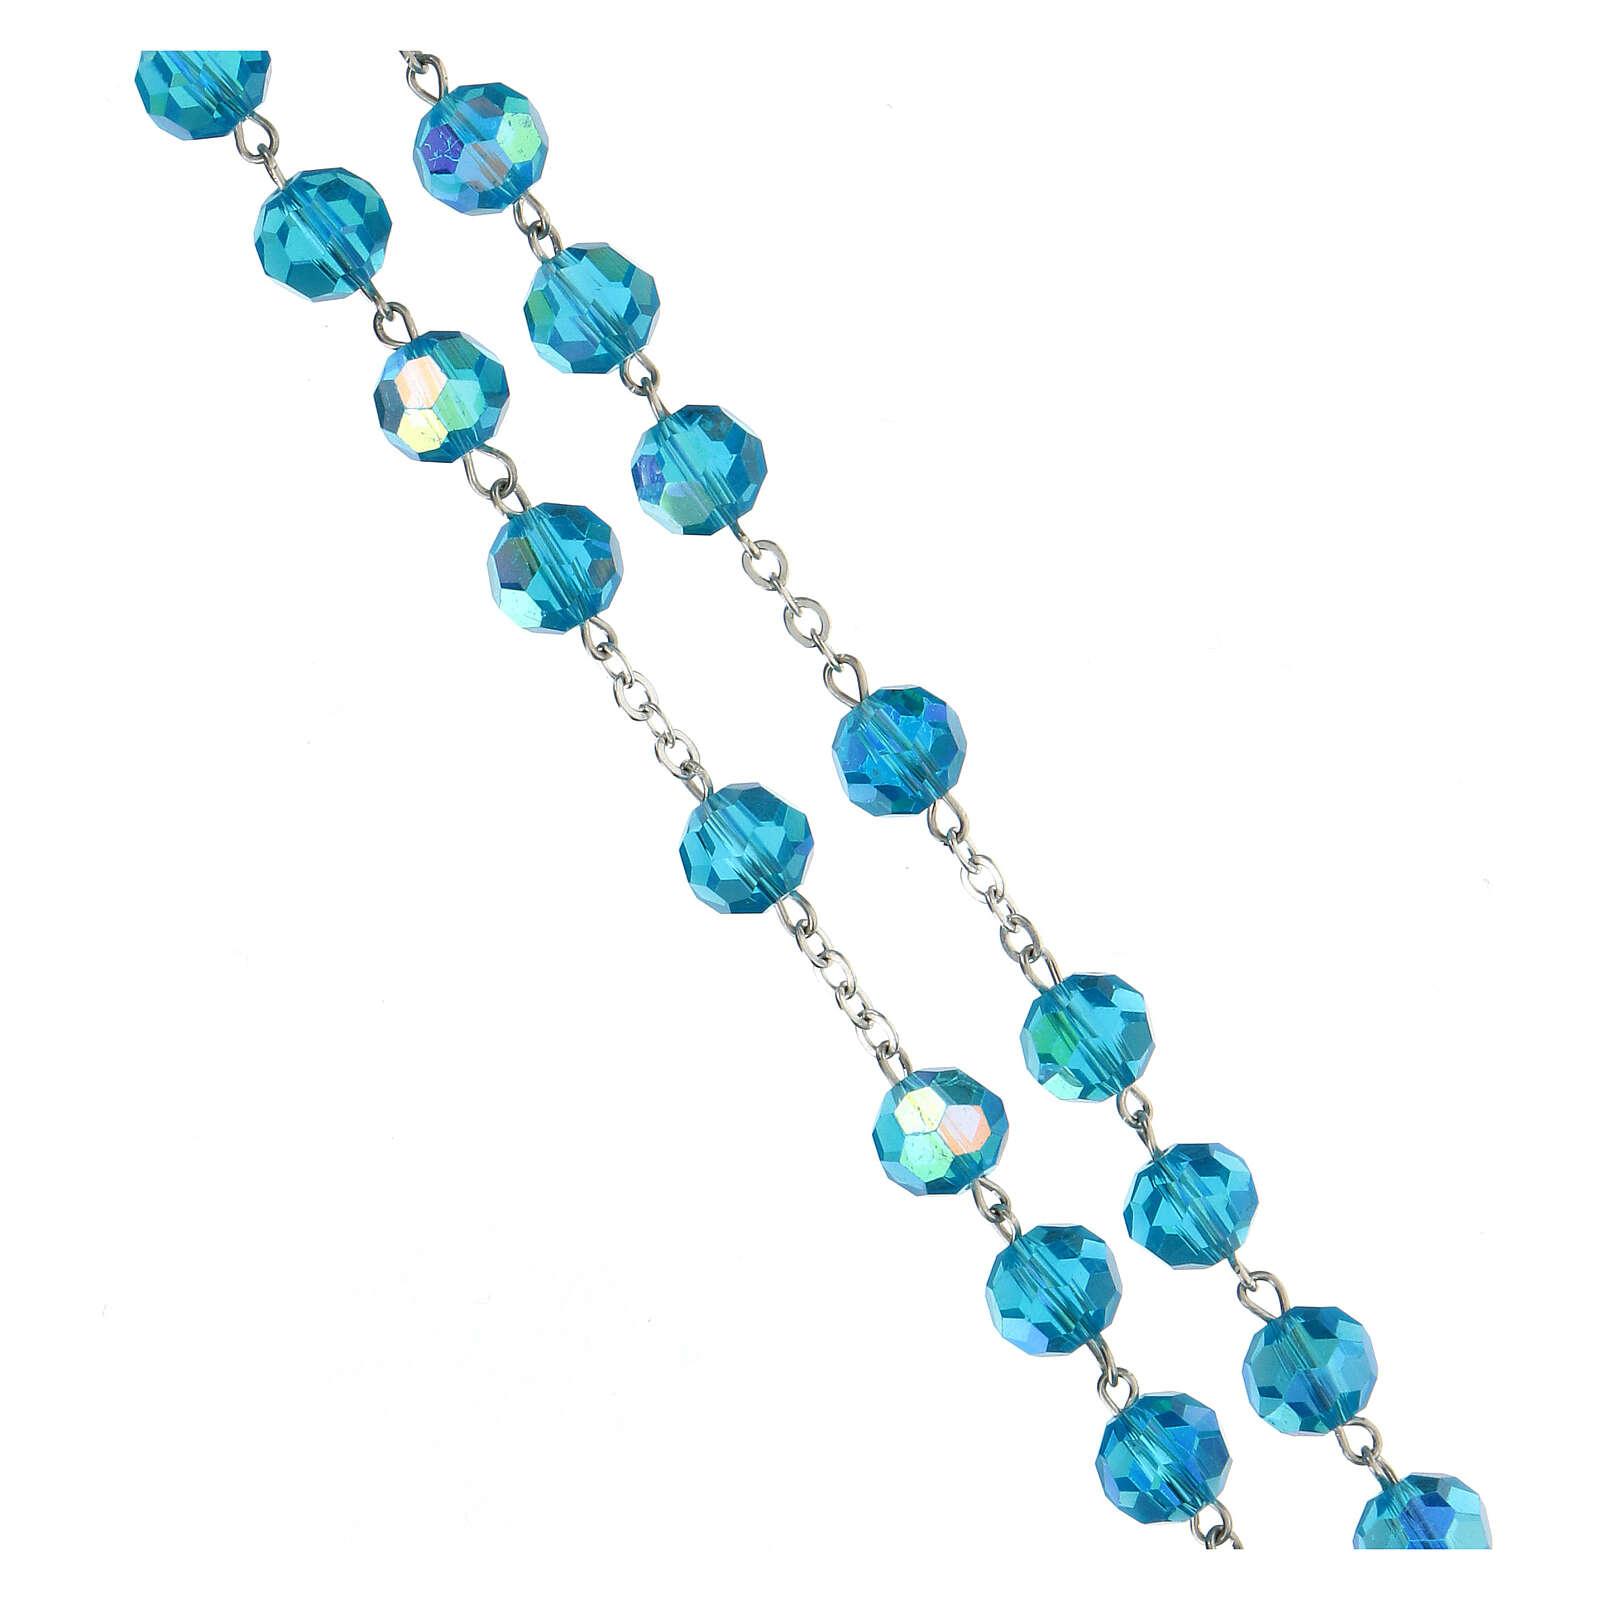 Rosario de plata lúcida 925 granos de cristal azul tallado 8 mm 4